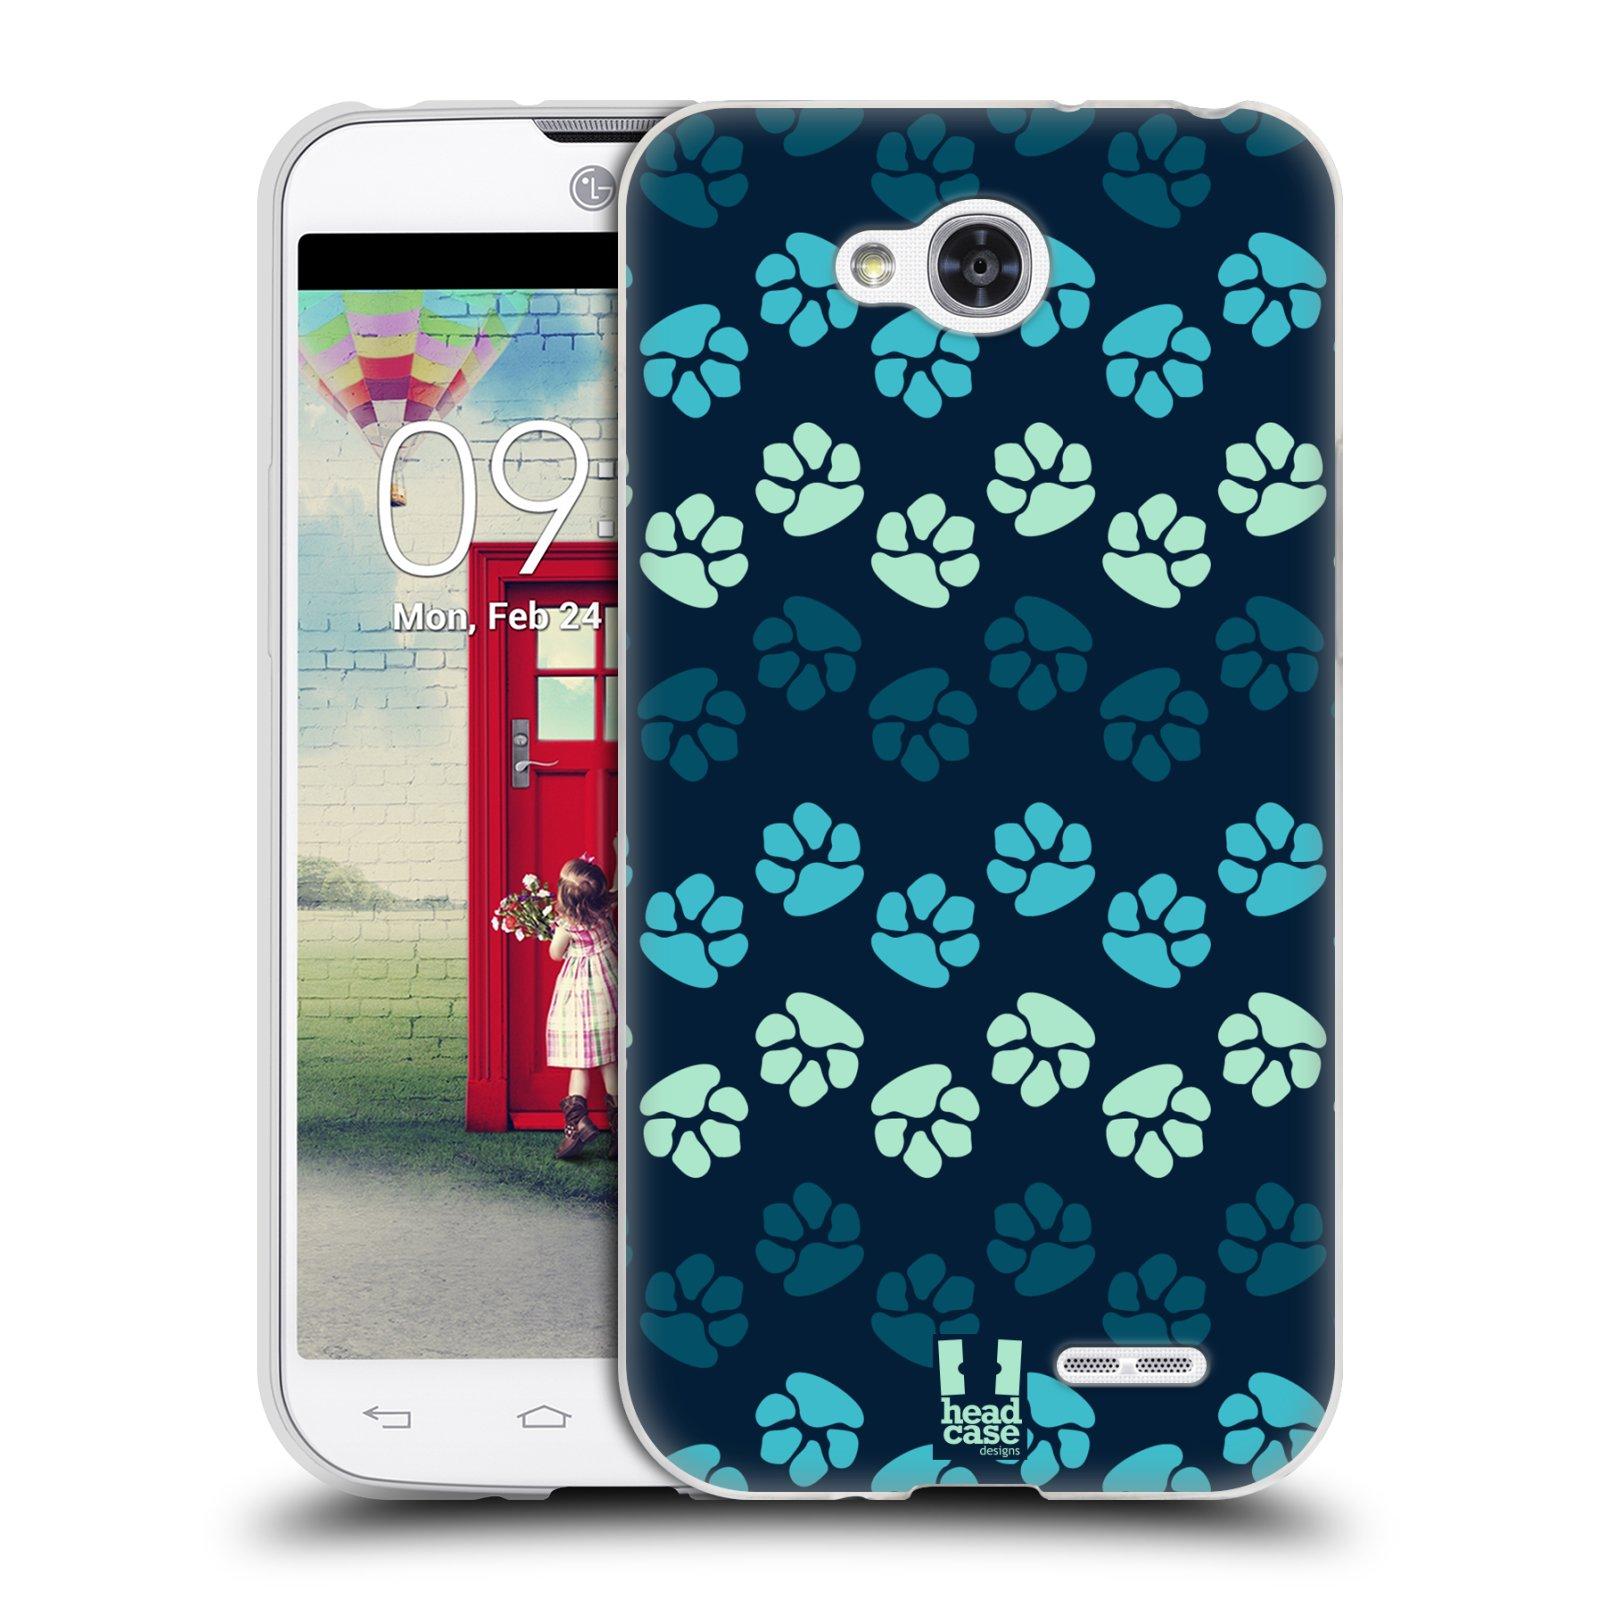 Silikonové pouzdro na mobil LG L90 HEAD CASE TLAPKY MODRÉ (Silikonový kryt či obal na mobilní telefon LG L90 D405n)